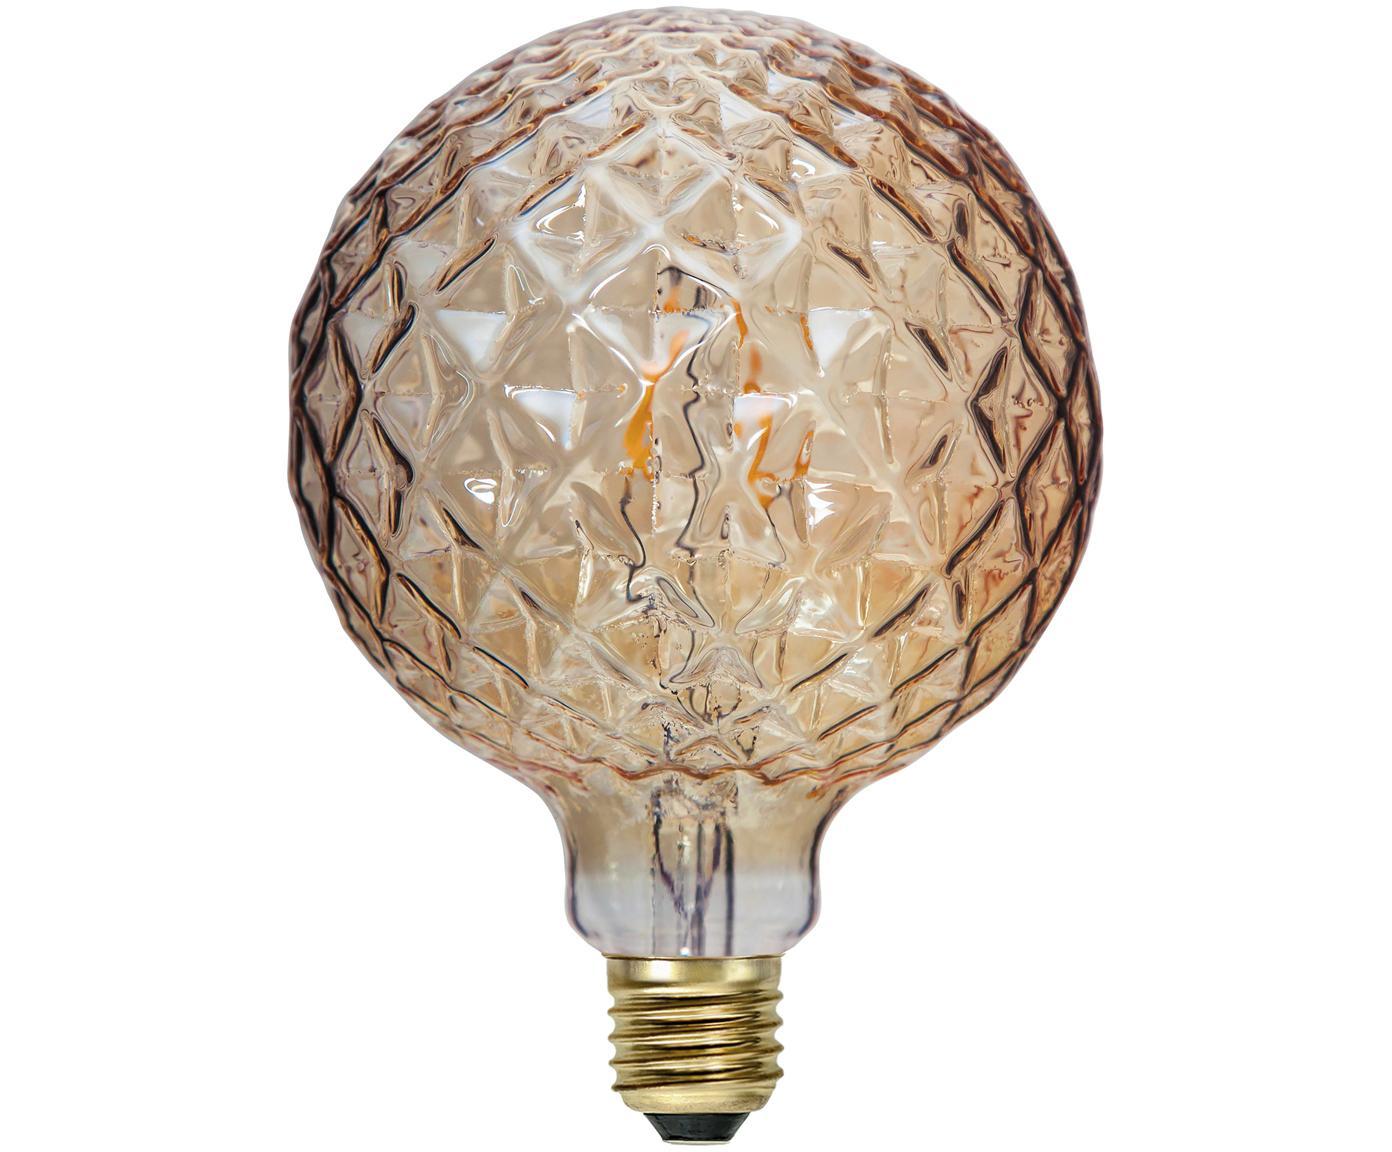 Żarówka LED XL Soft Glow (E27/2.2W), Odcienie bursztynowego, Ø 13 x W 18 cm